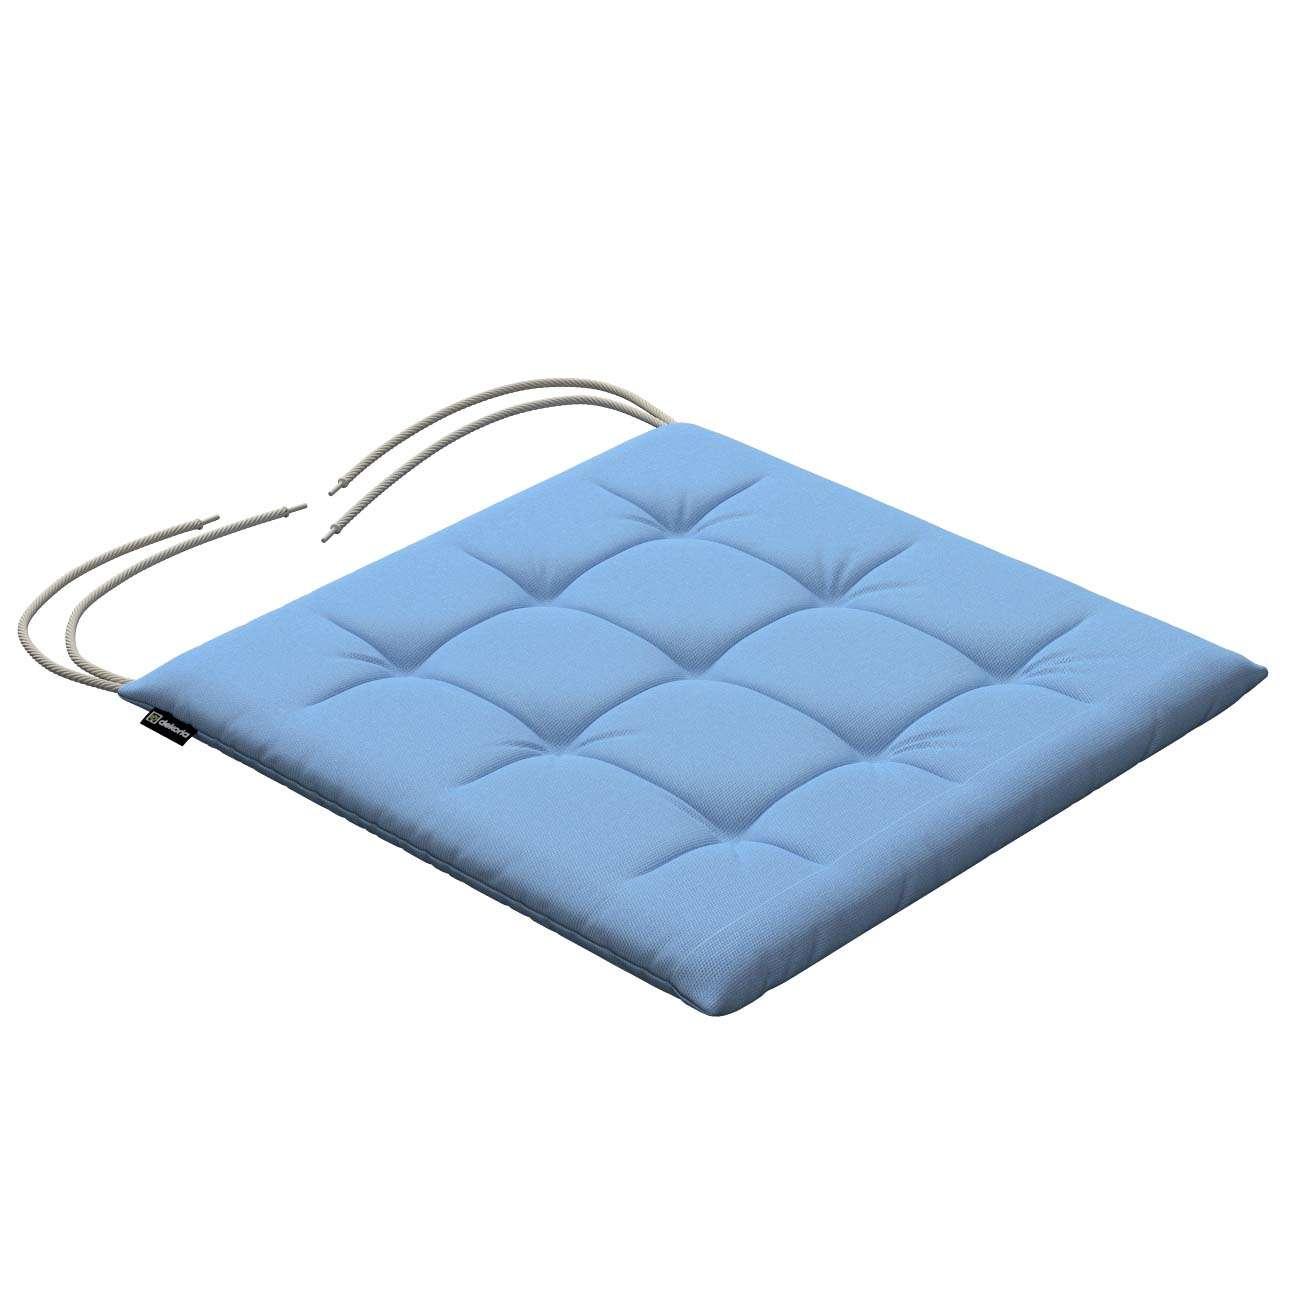 Siedzisko Karol na krzesło 40x40x3,5cm w kolekcji Loneta, tkanina: 133-21